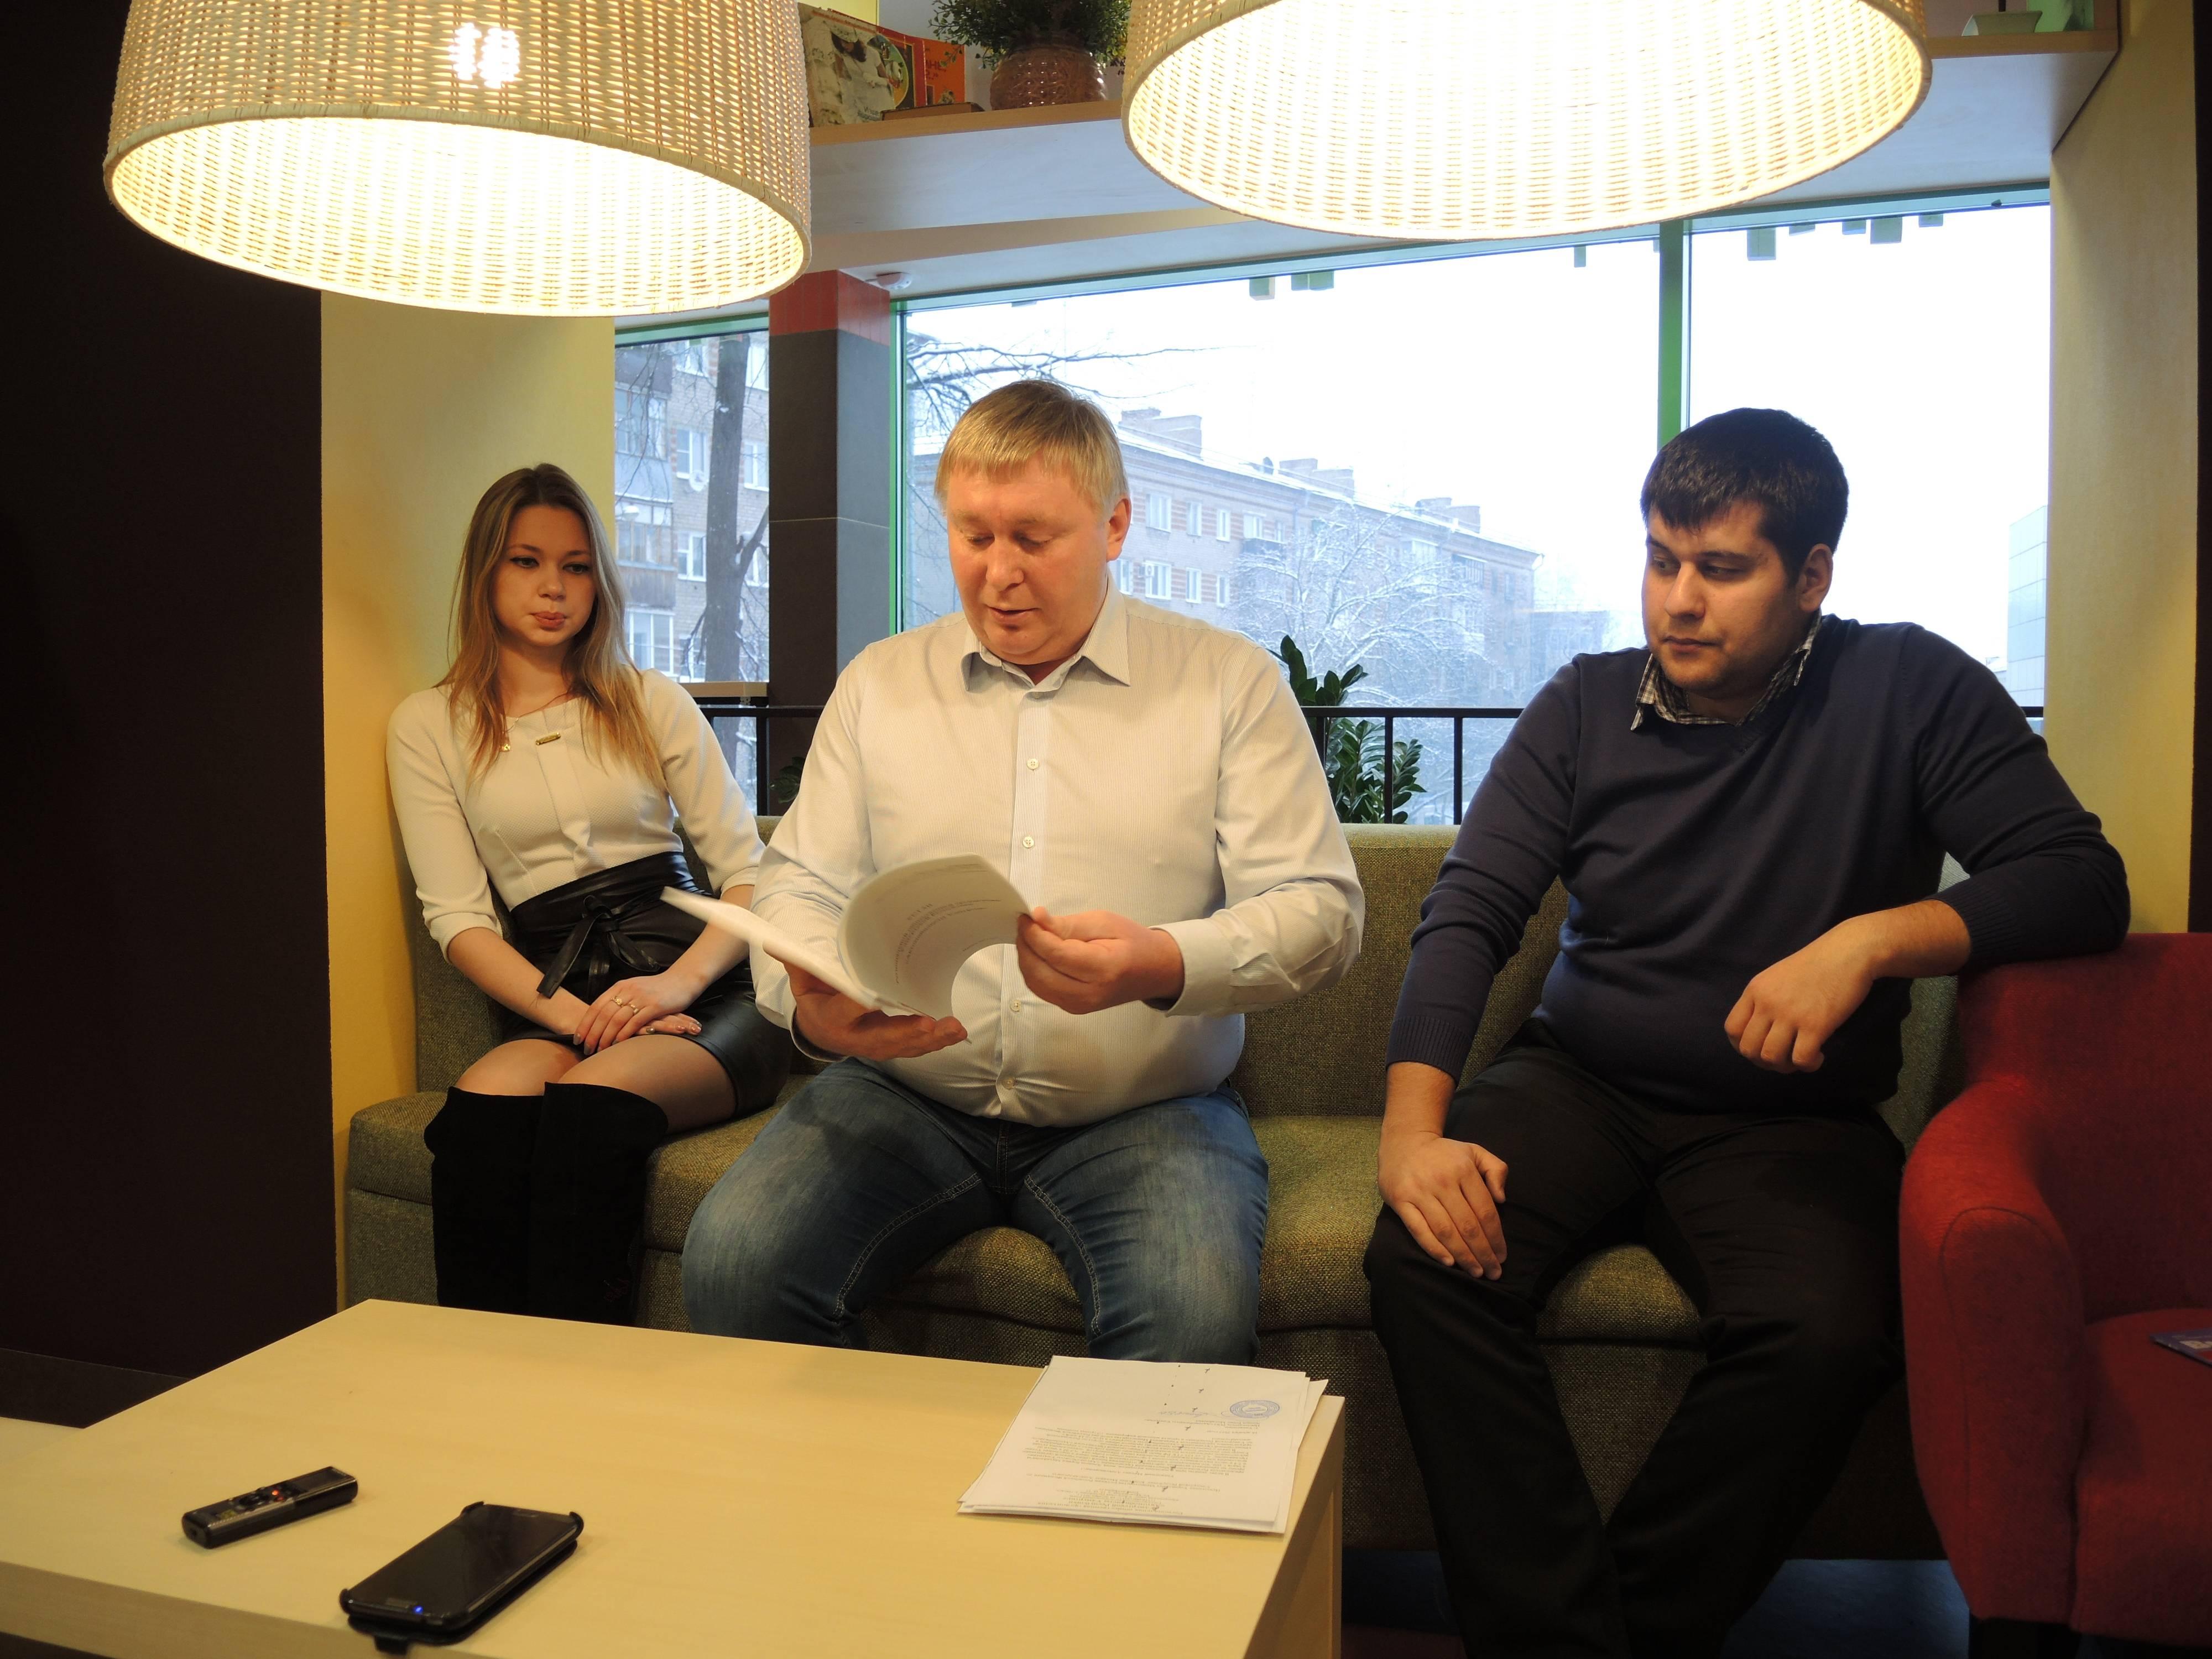 Борис Ломаев пришёл на встречу со СМИ не один, а с помощниками. Фото ©«ДЕНЬ.org»